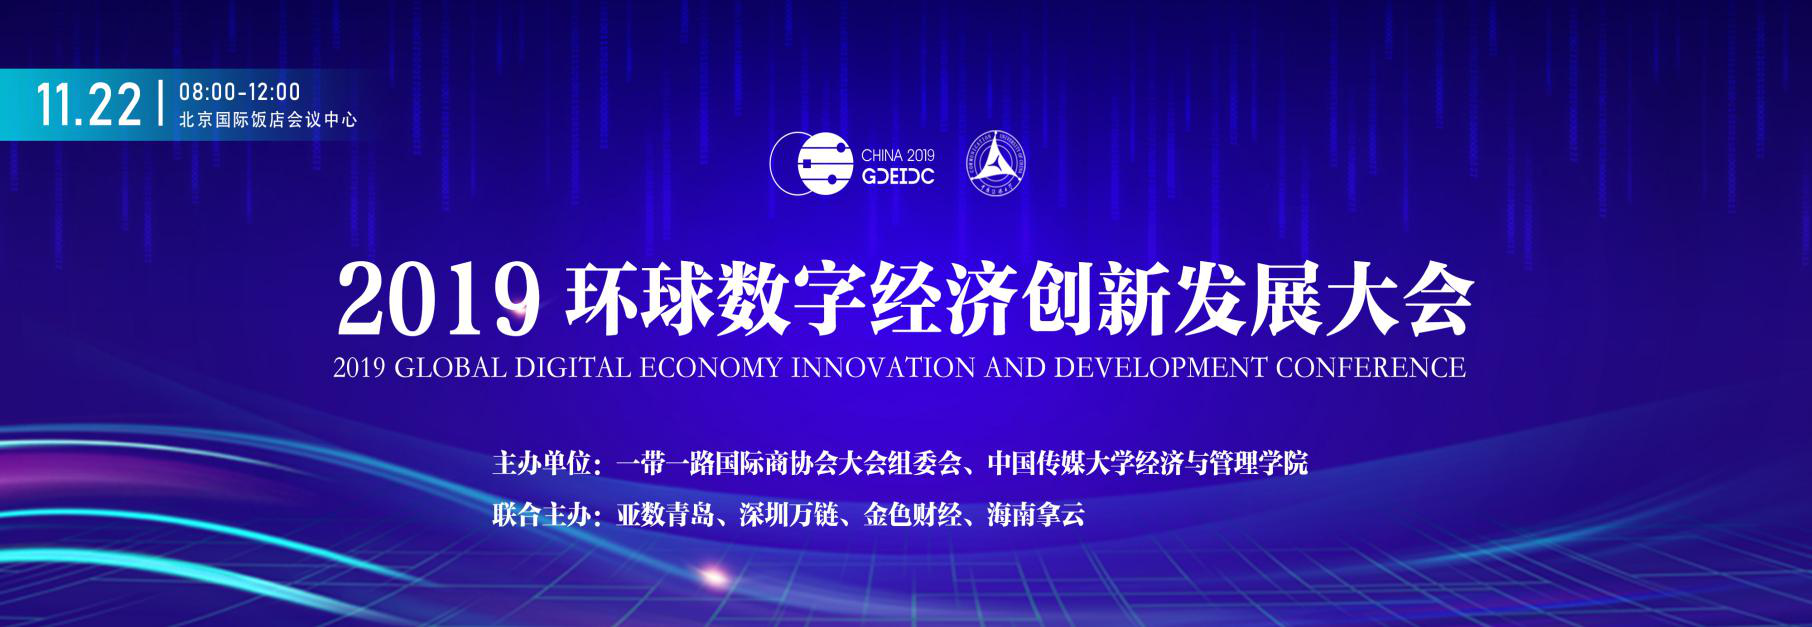 2019环球数字经济创新大会在京举行